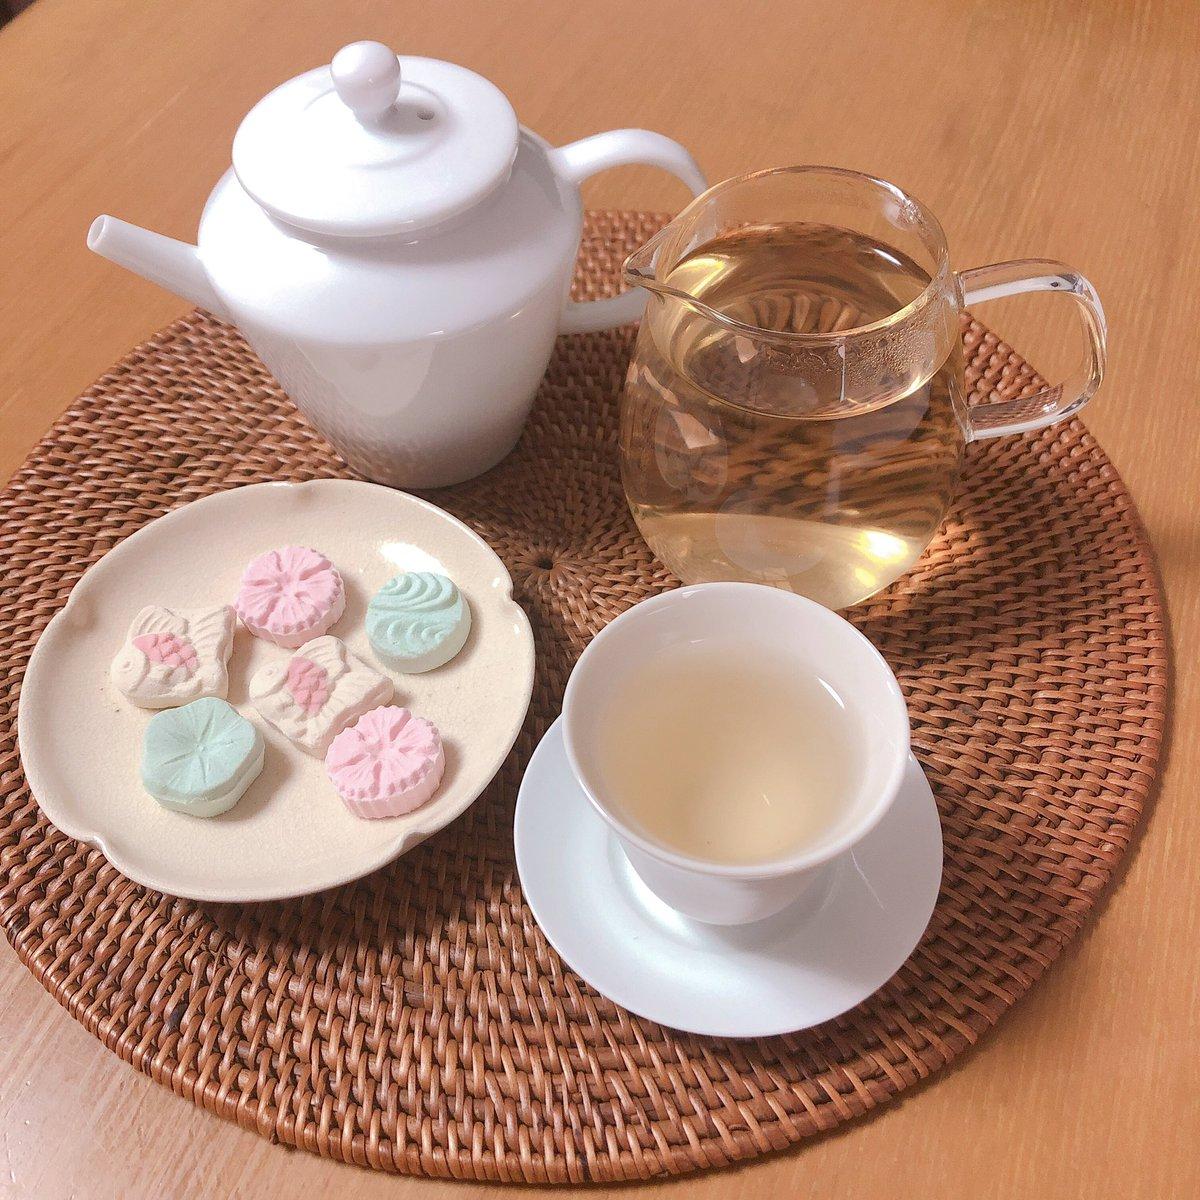 test ツイッターメディア - いただきものの夏の和三盆糖と白茶。すーはーと深呼吸。 https://t.co/7sbkemIyKS